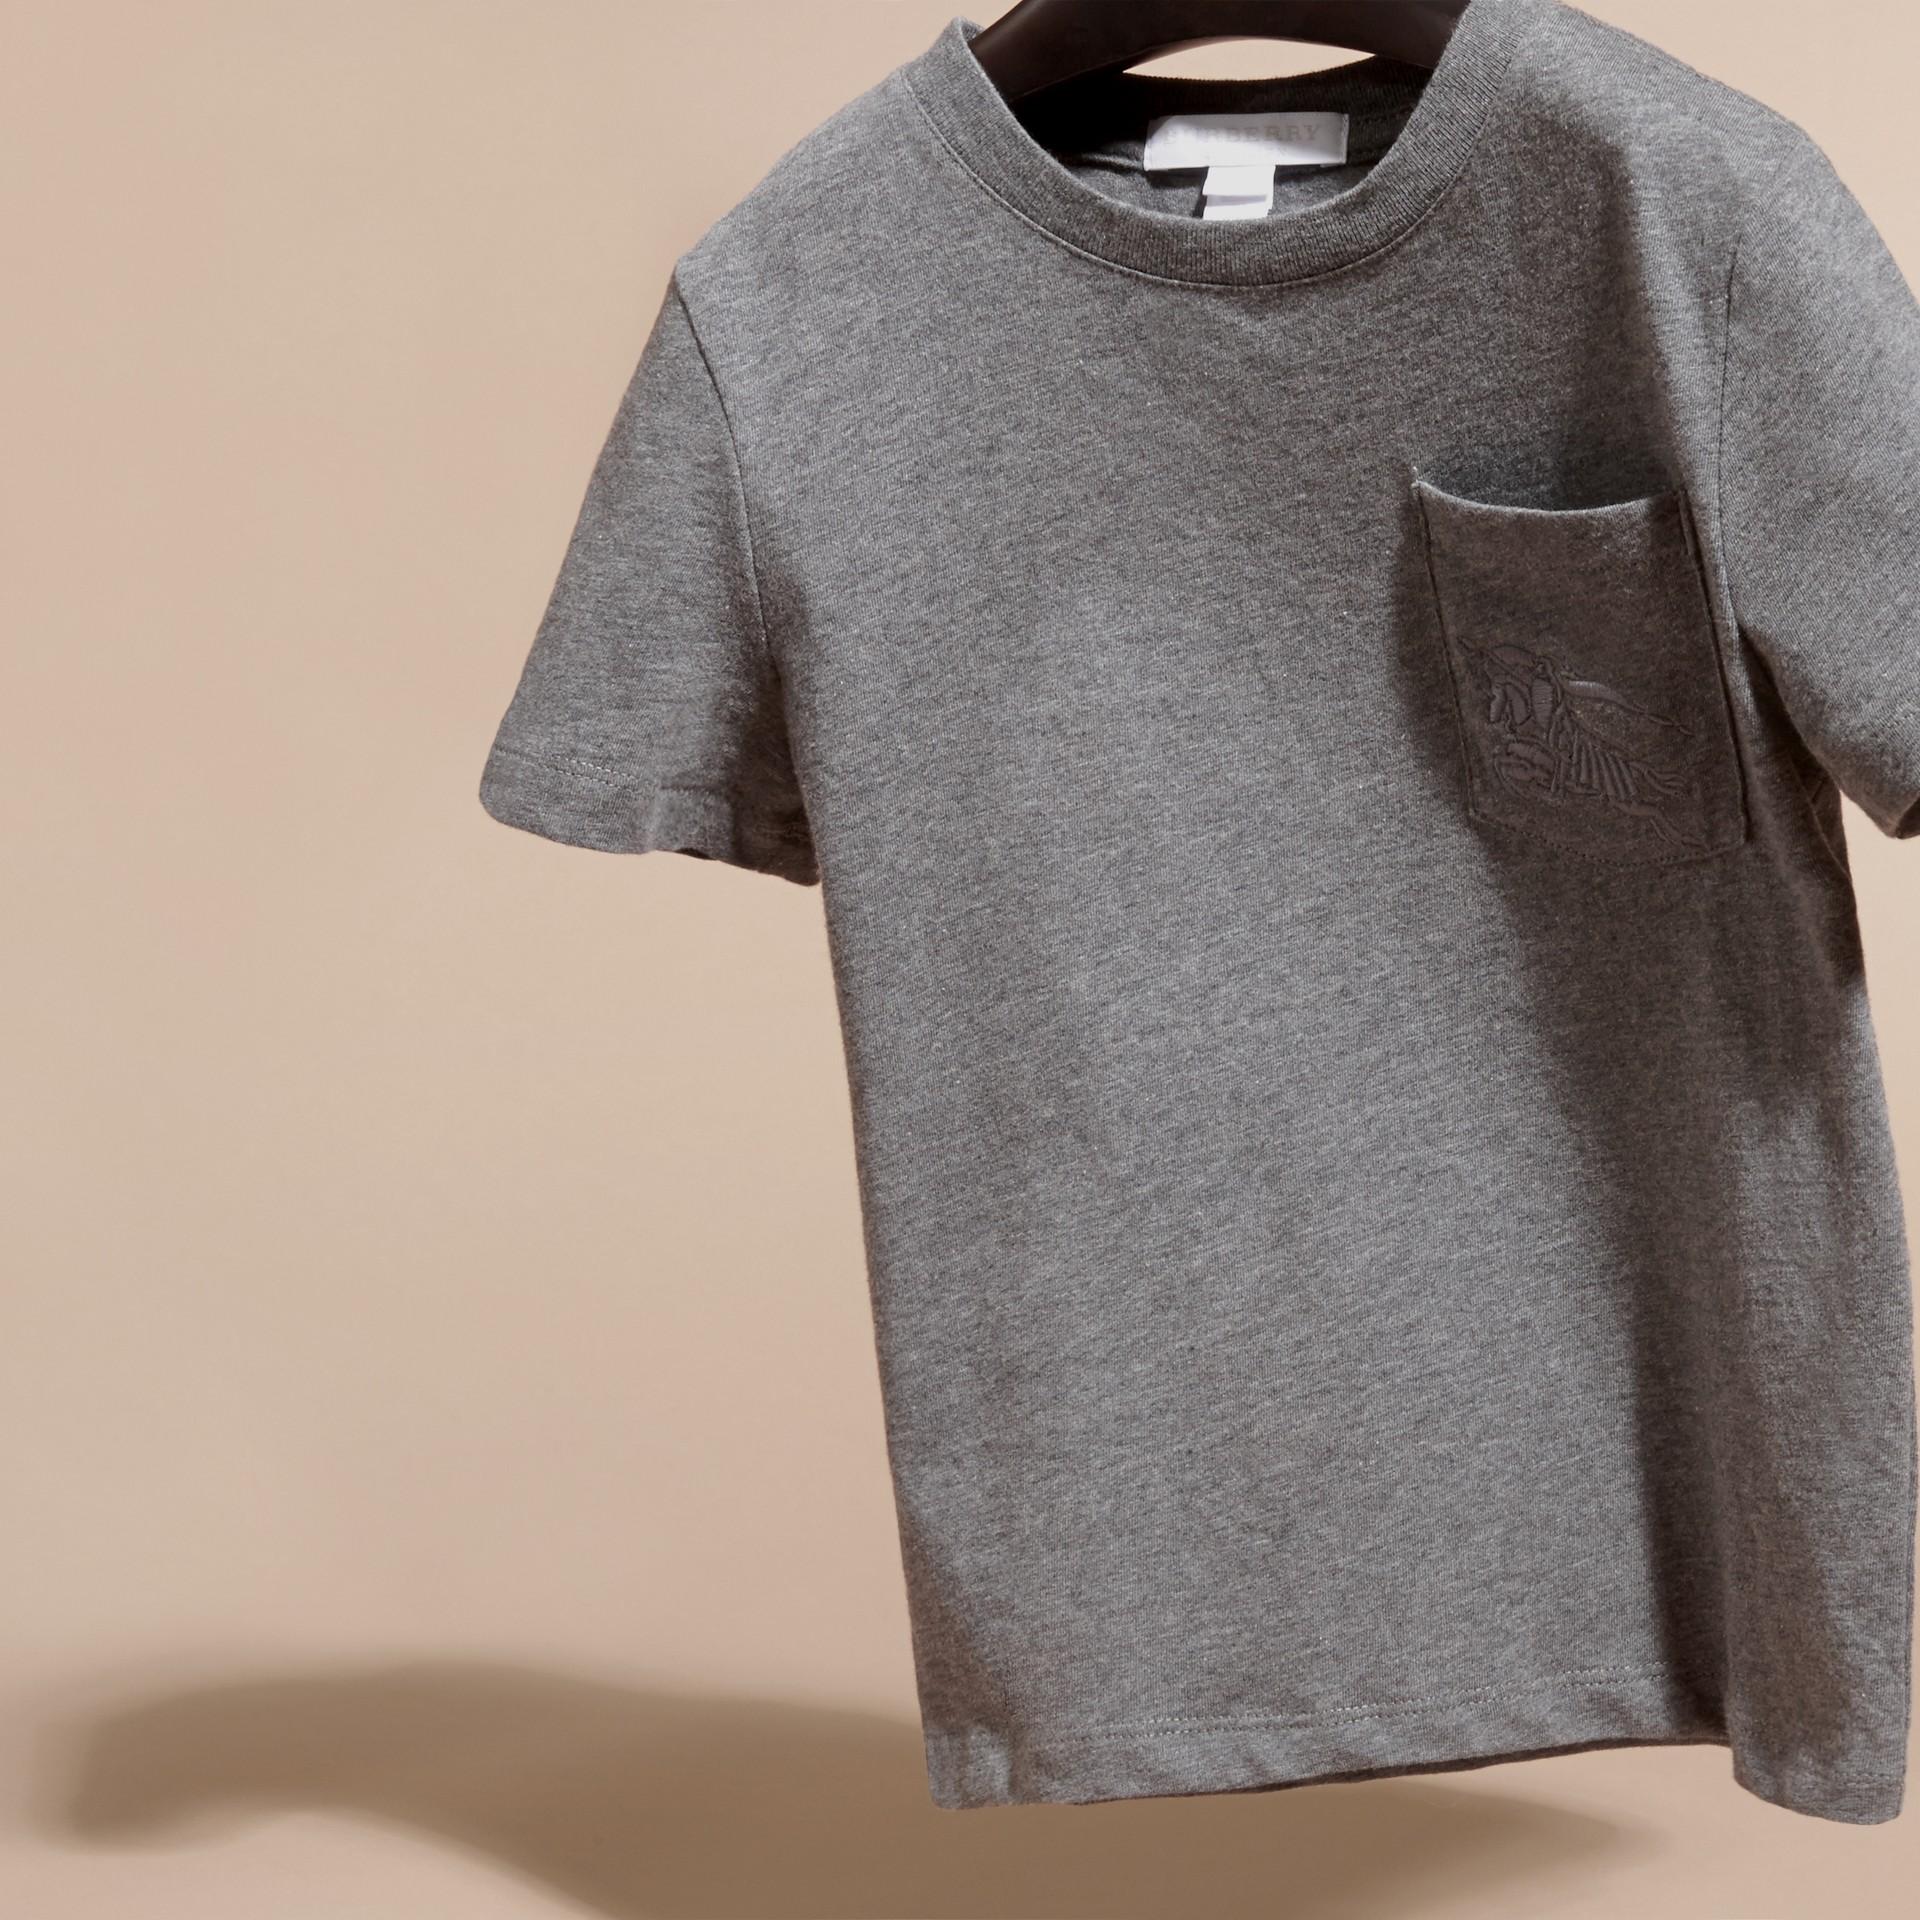 Nero fumo mélange T-shirt girocollo in cotone Nero Fumo Mélange - immagine della galleria 3